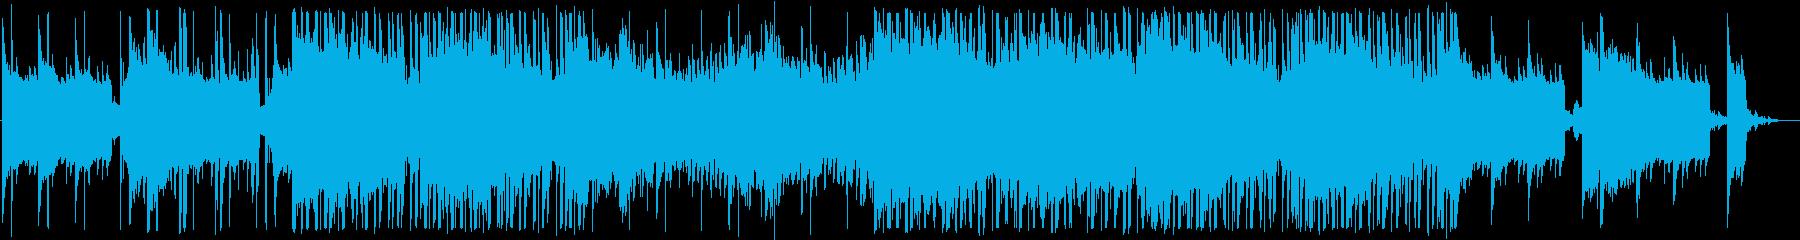 和×ダンスミュージックのクールなトラックの再生済みの波形